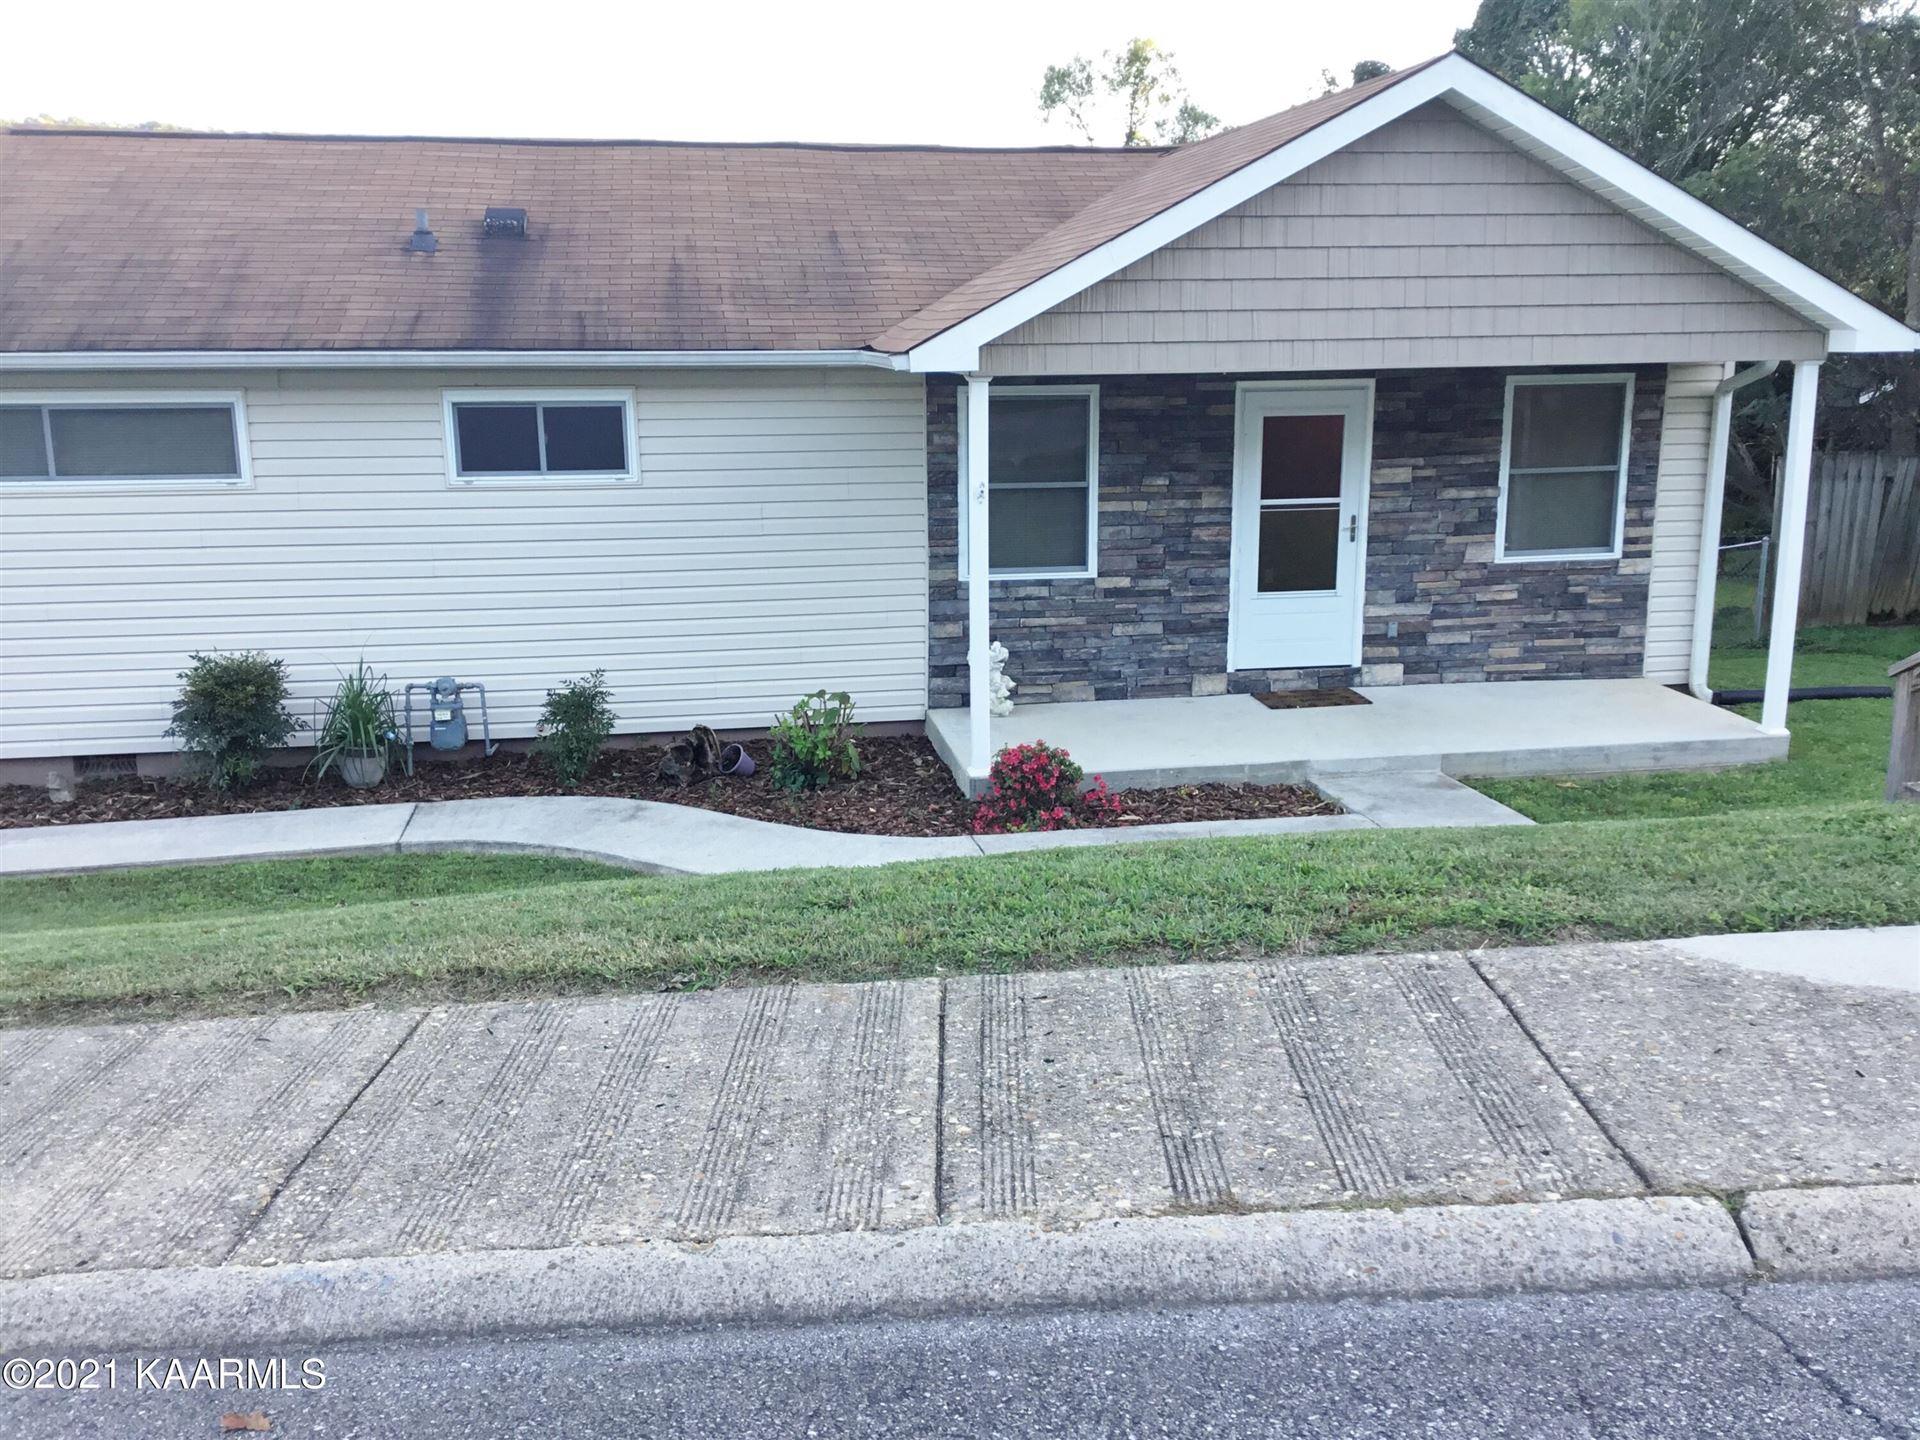 Photo of 130 E Arrowwood Rd, Oak Ridge, TN 37830 (MLS # 1170954)